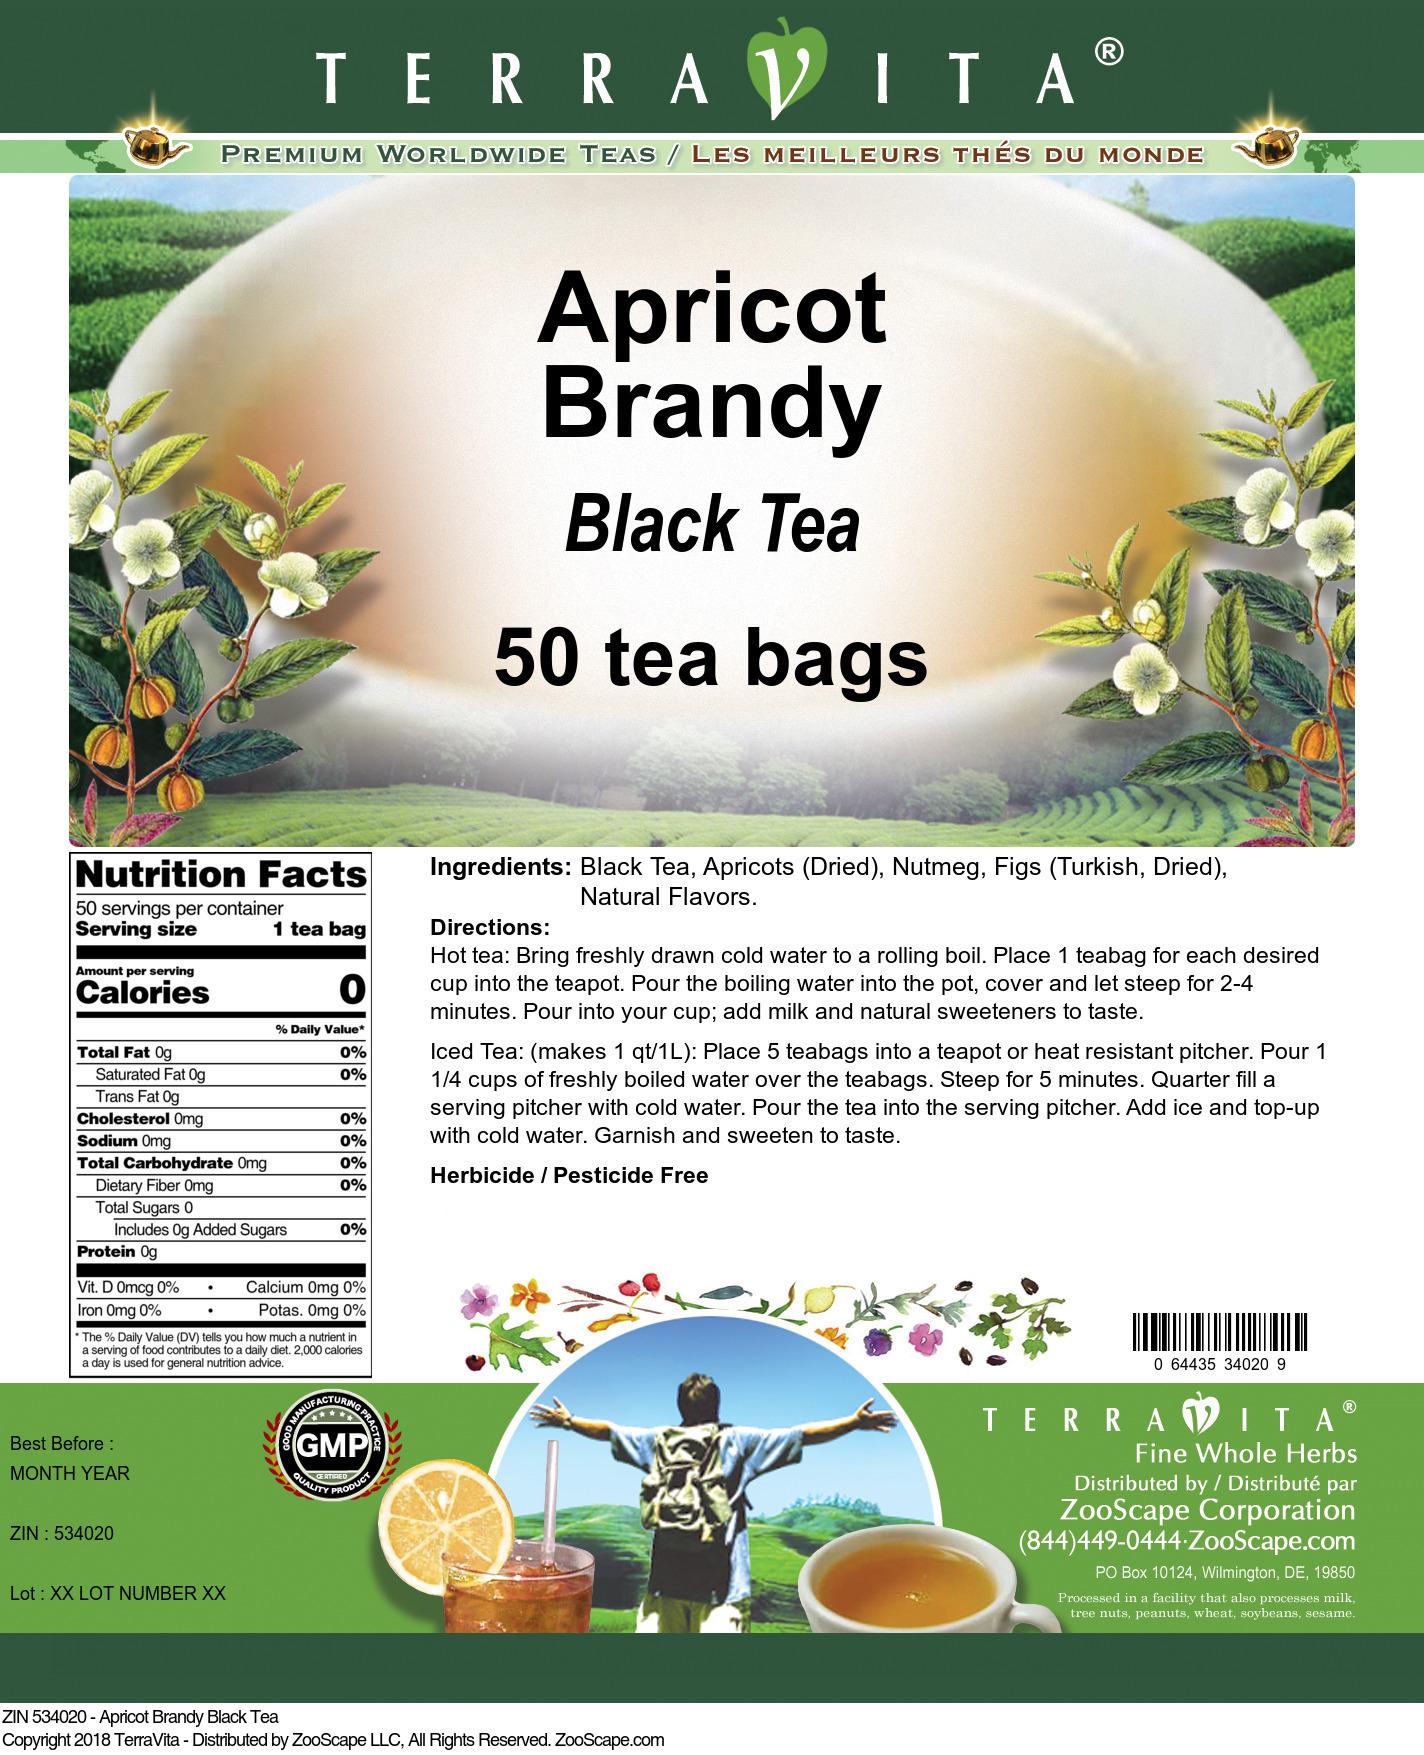 Apricot Brandy Black Tea